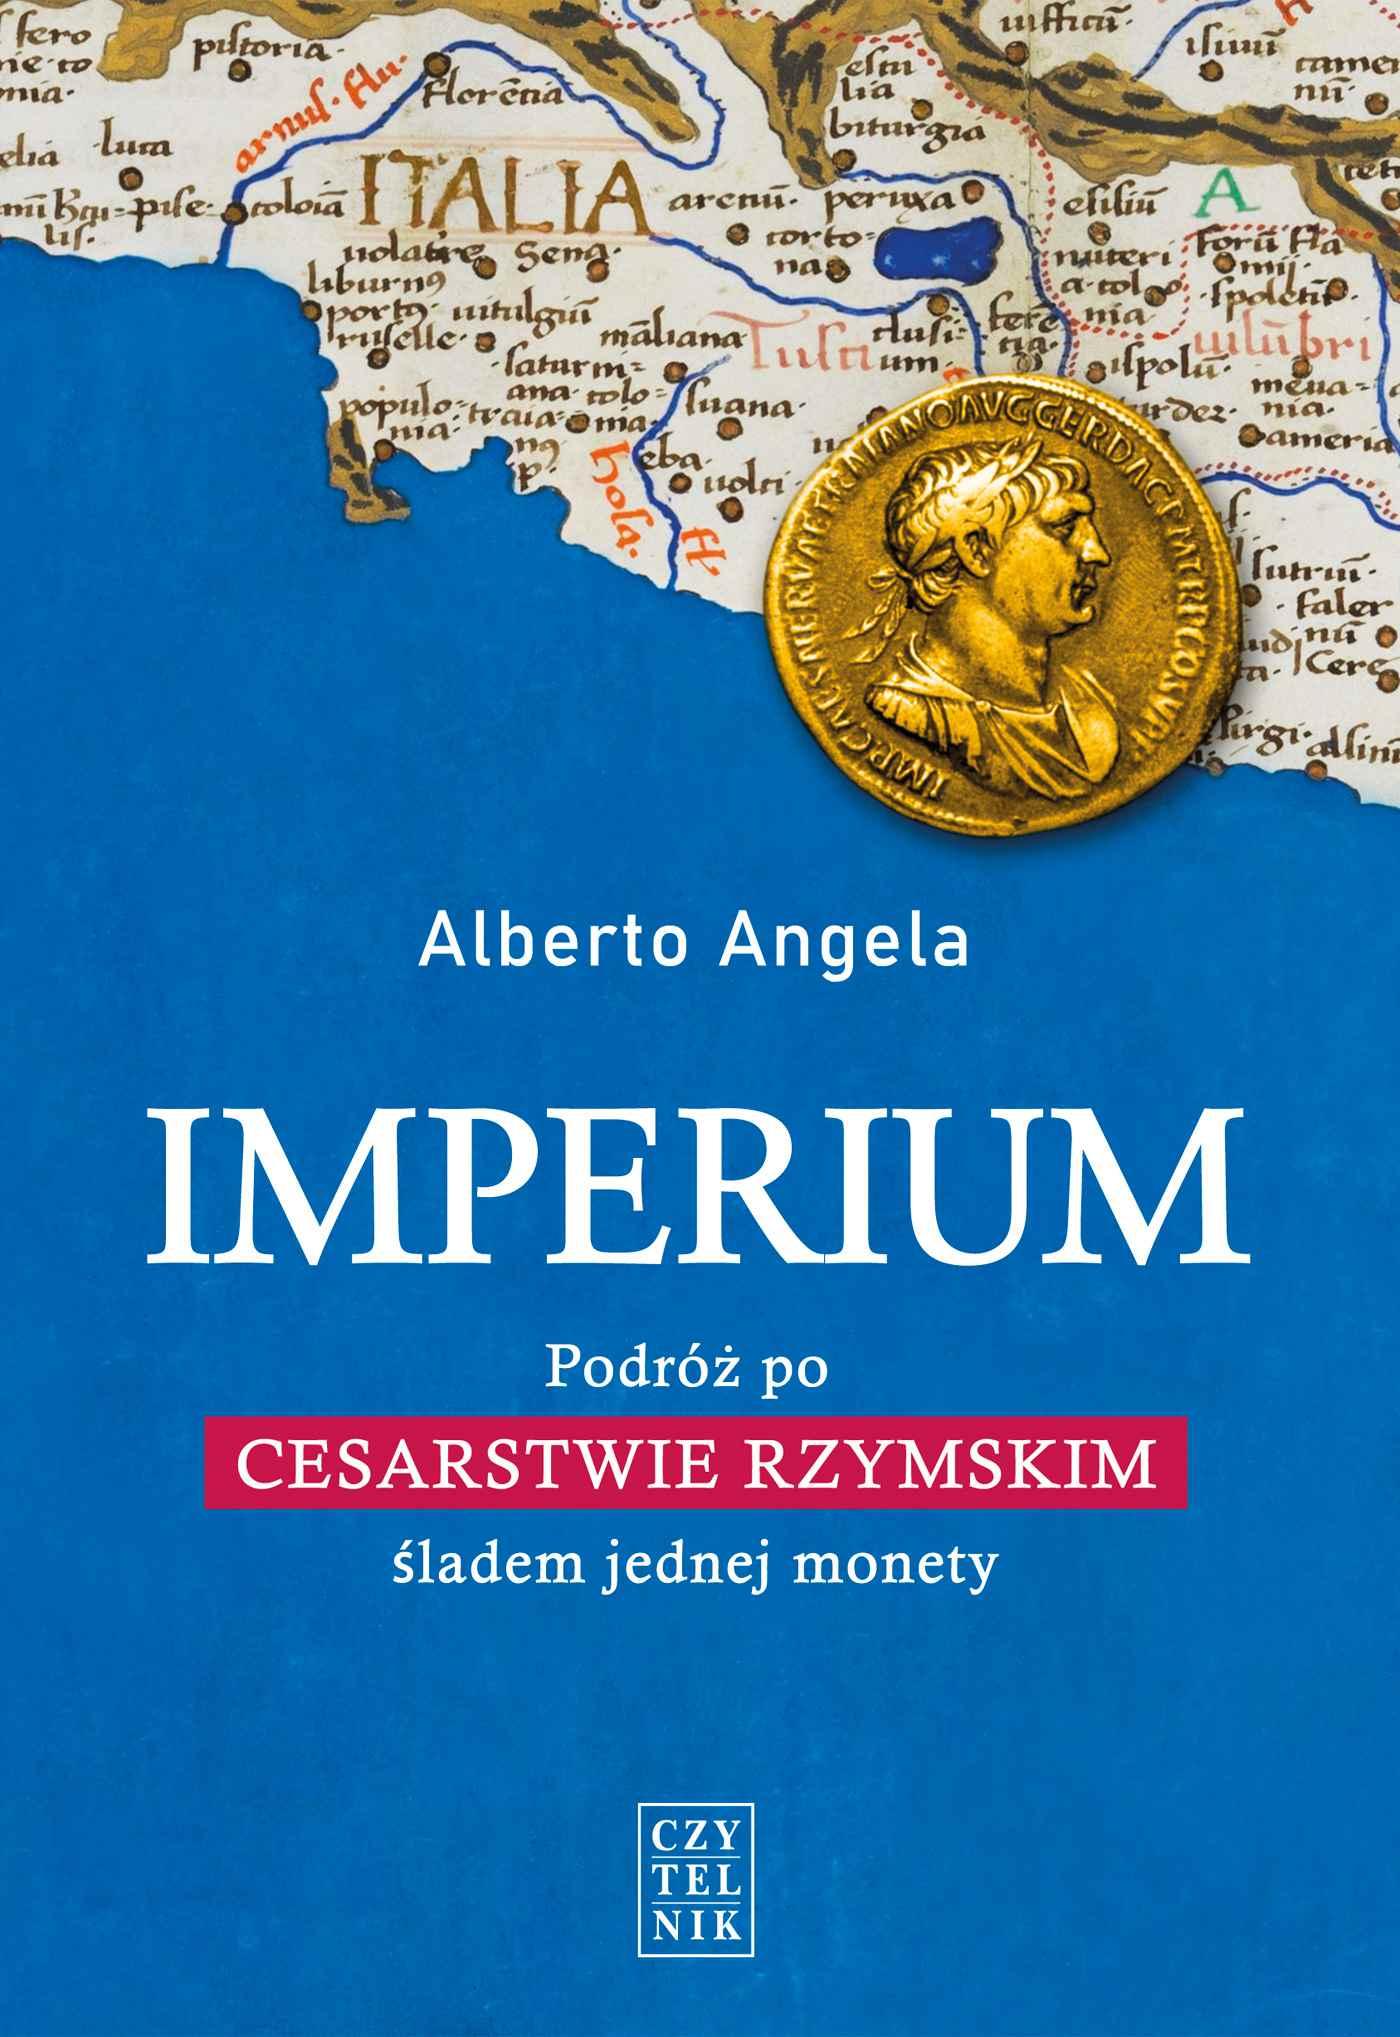 Imperium. Podróż po Cesarstwie Rzymskim śladem jednej monety - Ebook (Książka EPUB) do pobrania w formacie EPUB